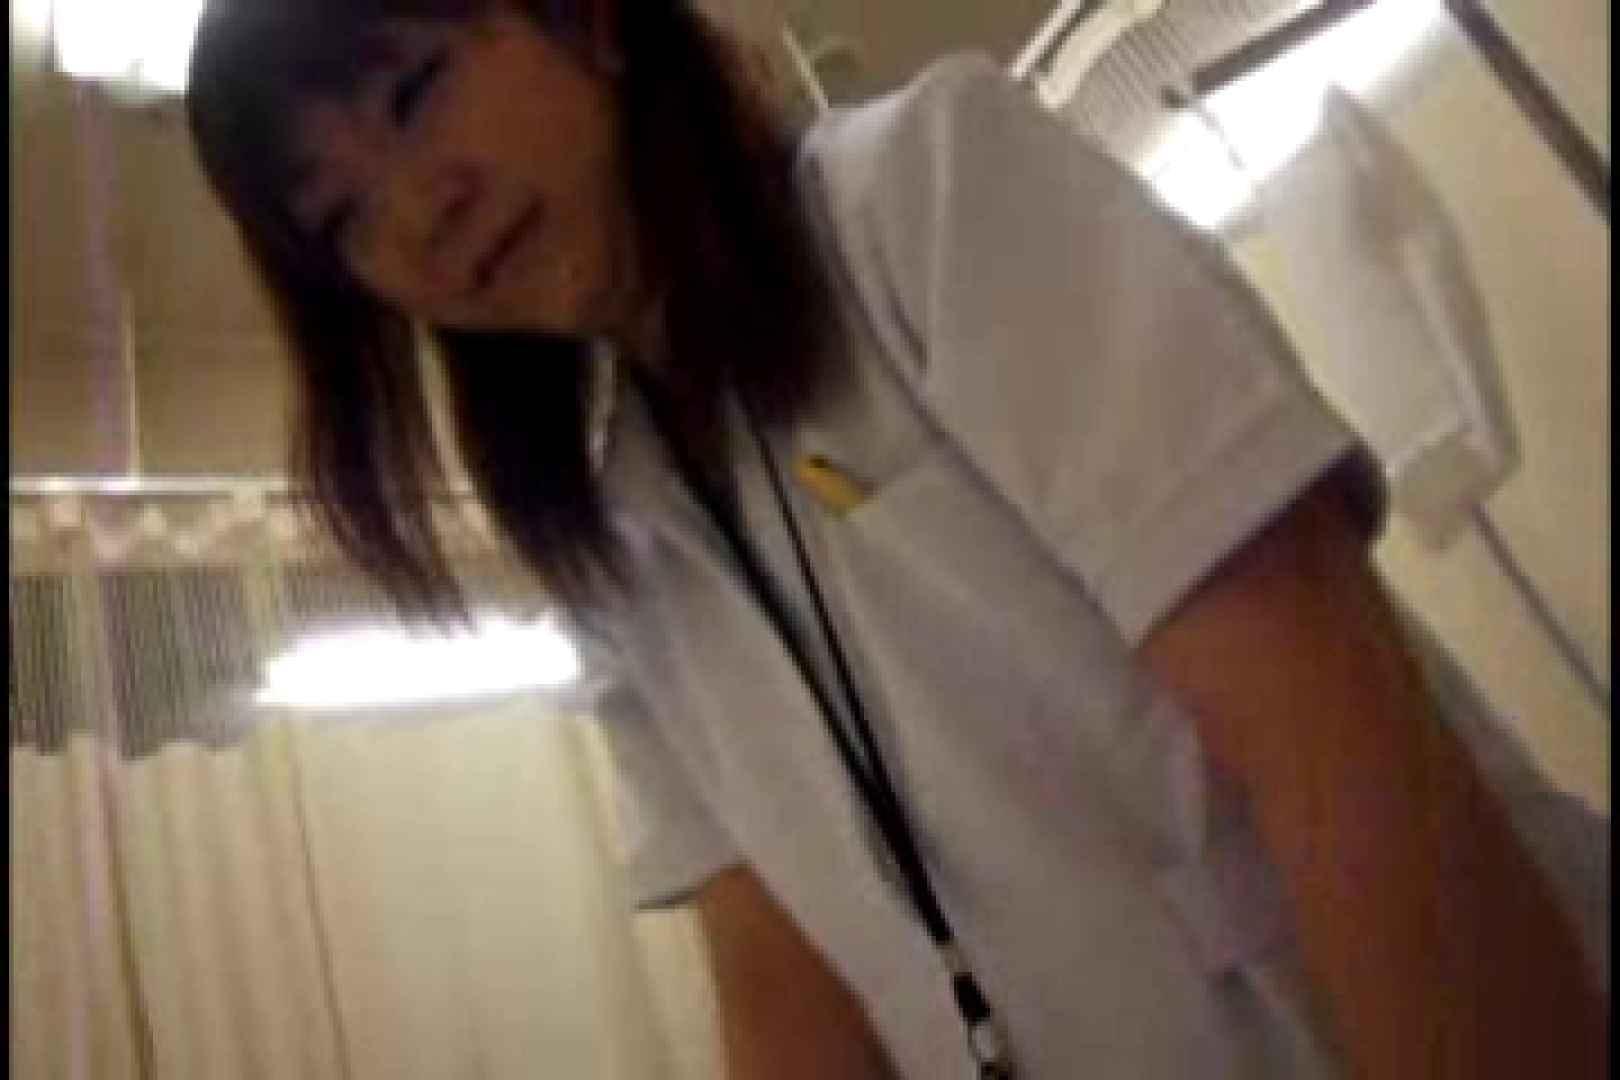 ヤリマンと呼ばれた看護士さんvol1 エッチなOL 濡れ場動画紹介 93pic 44